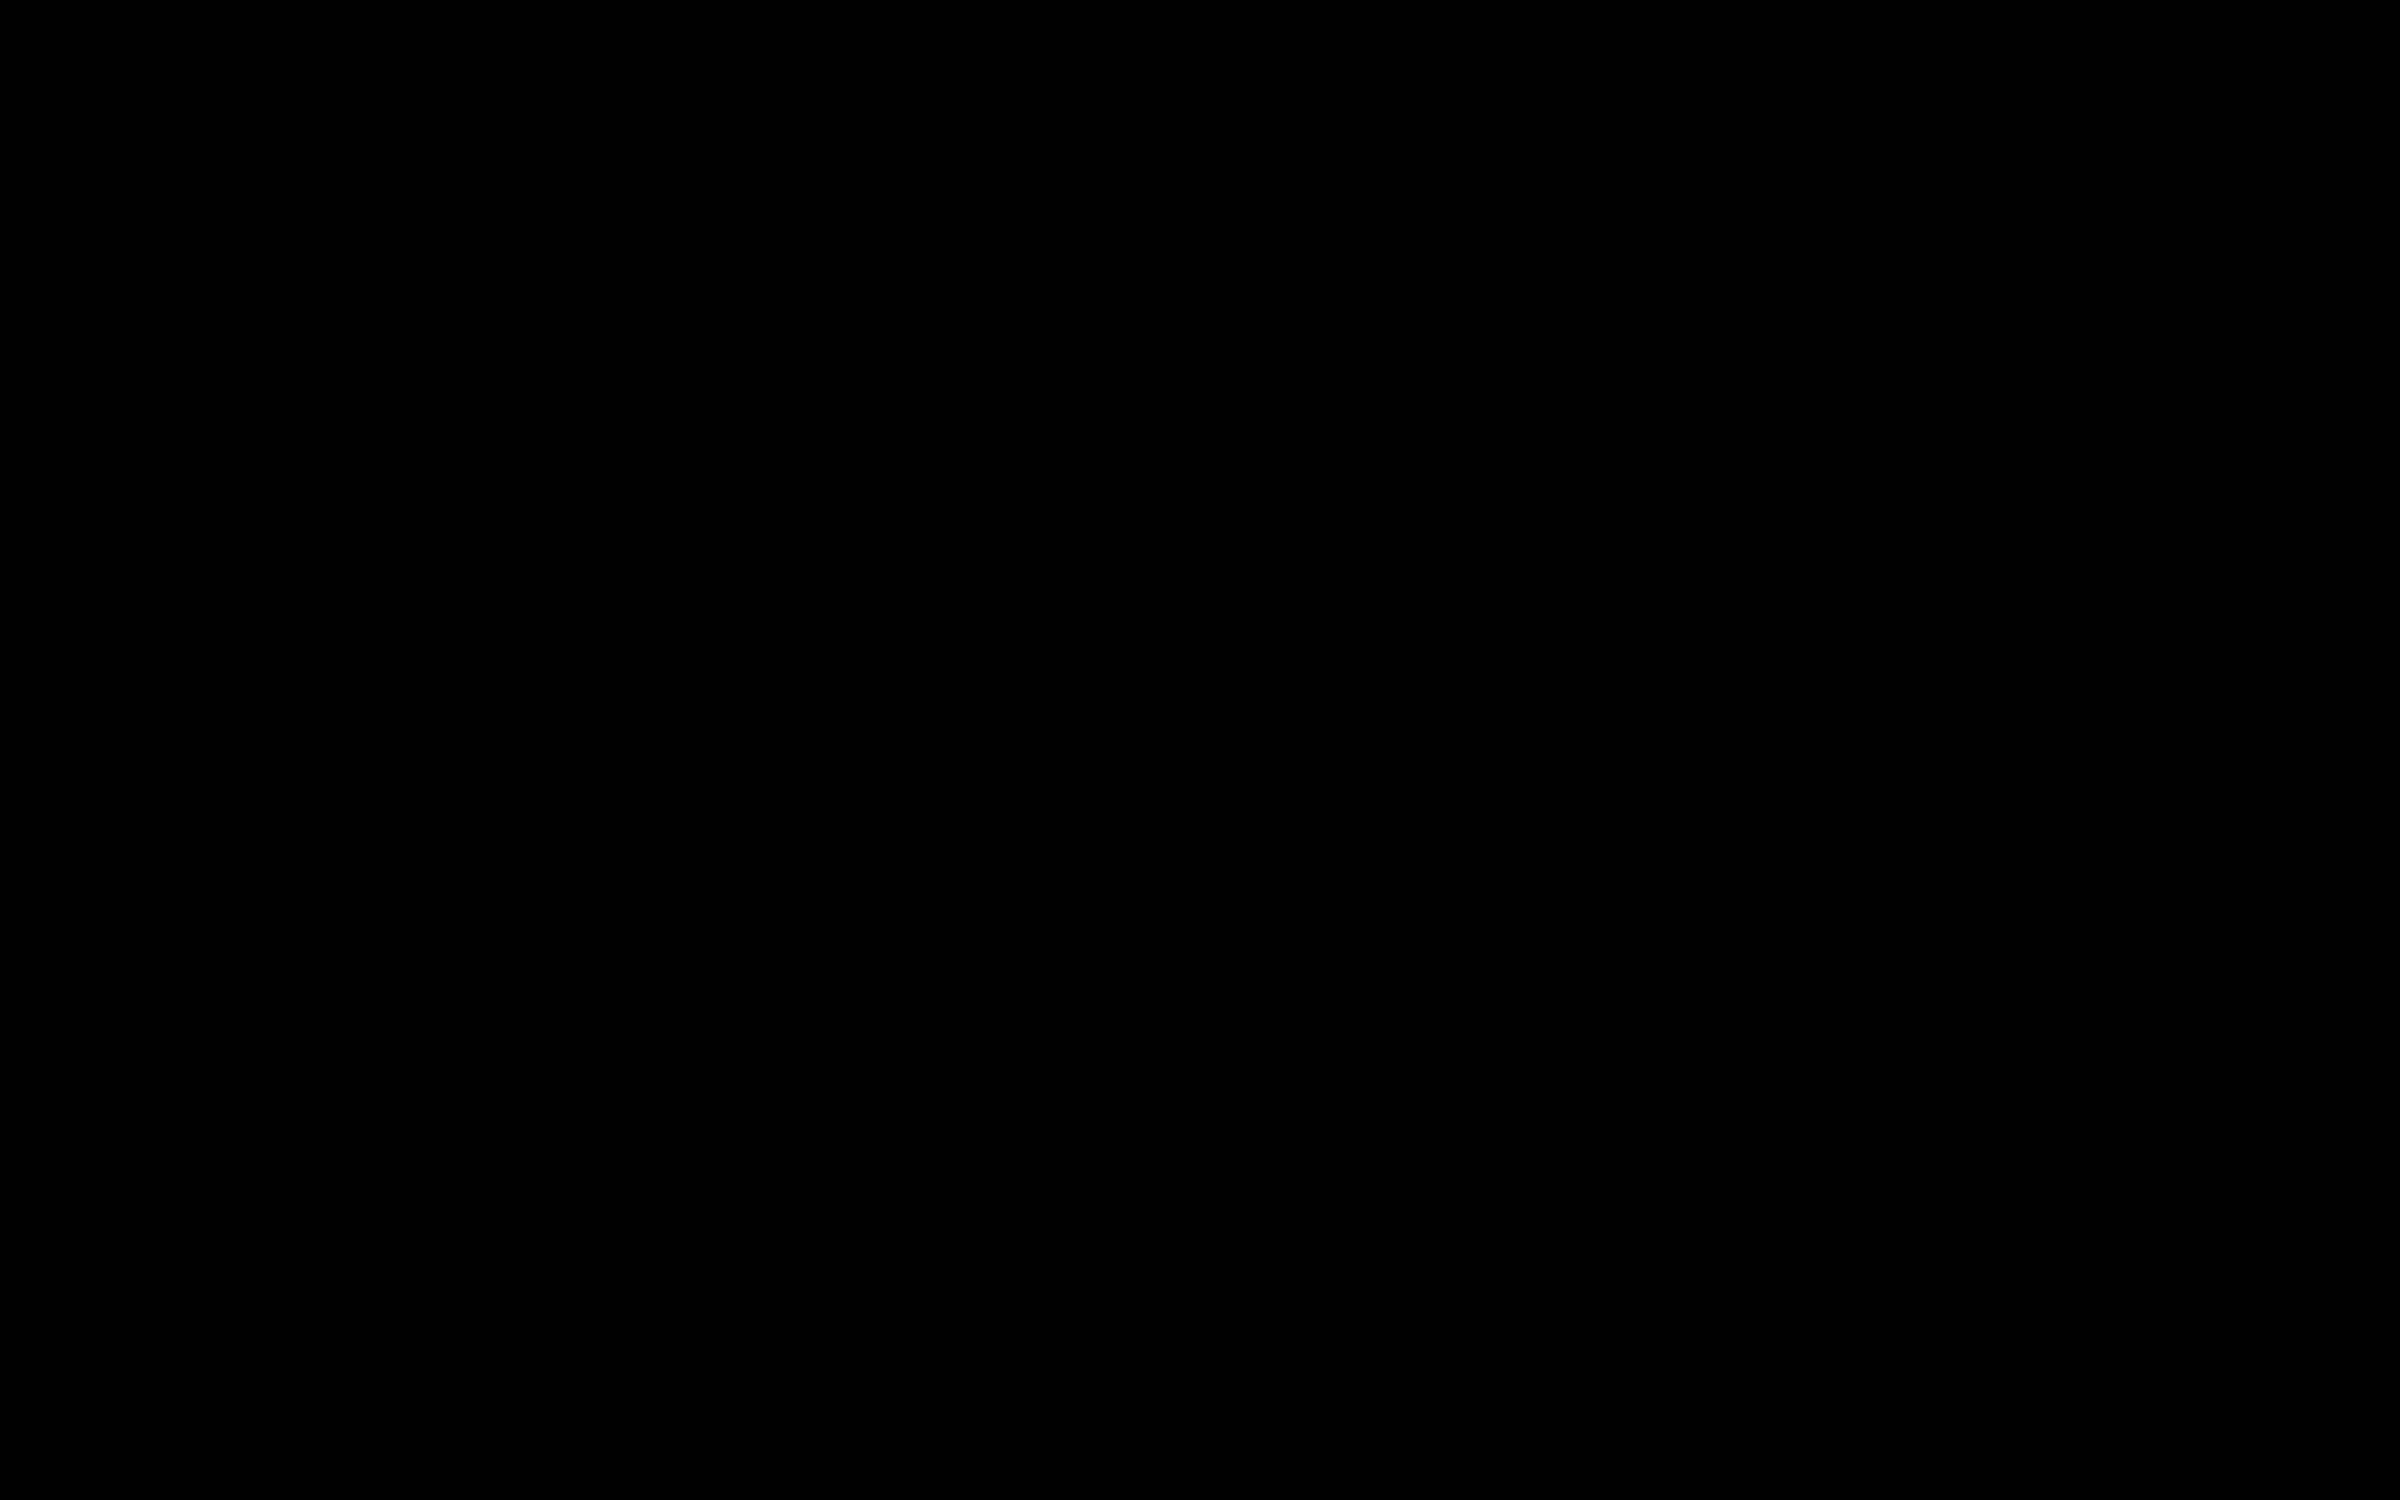 Những nguyên tắc tiêu chuẩn áp dụng khi kiểm định thang máy